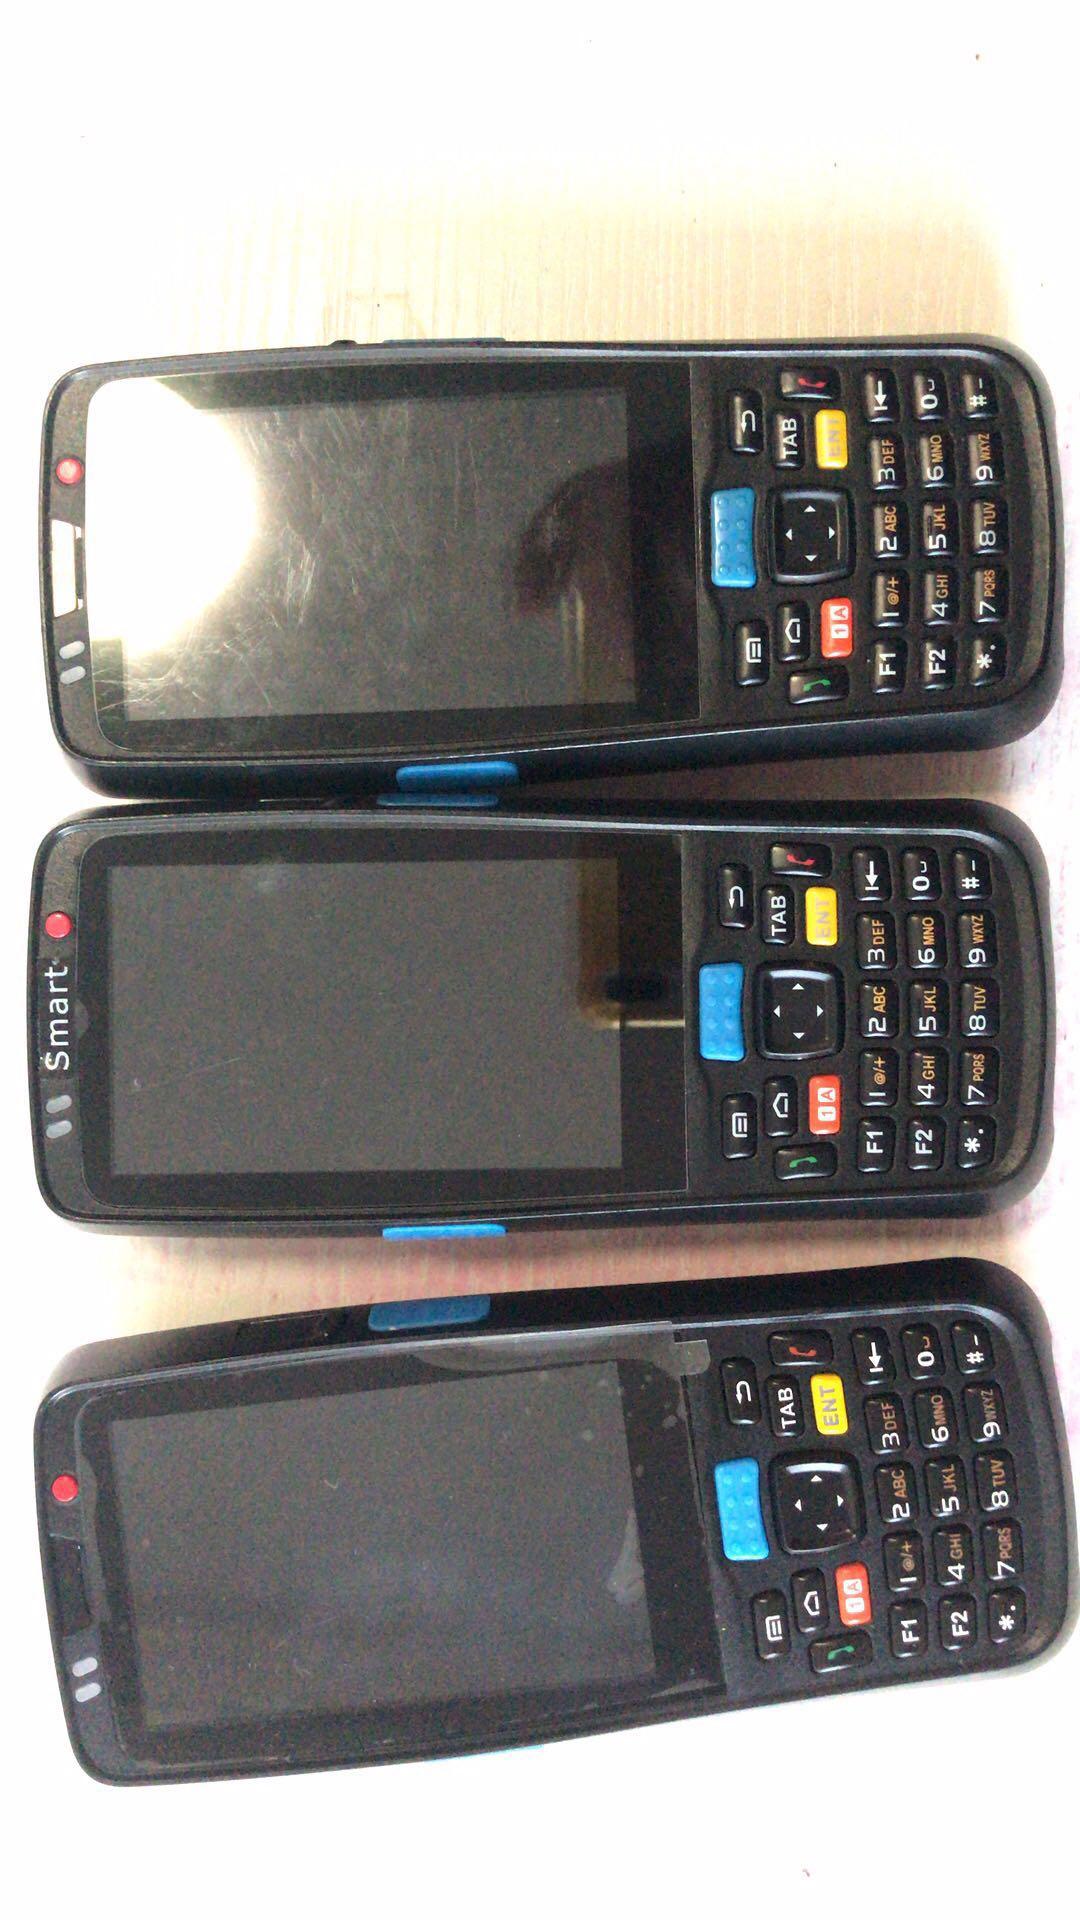 世麦C5000配件 触摸屏 液晶屏 近邻宝巴枪途虎养车PDA手持维修